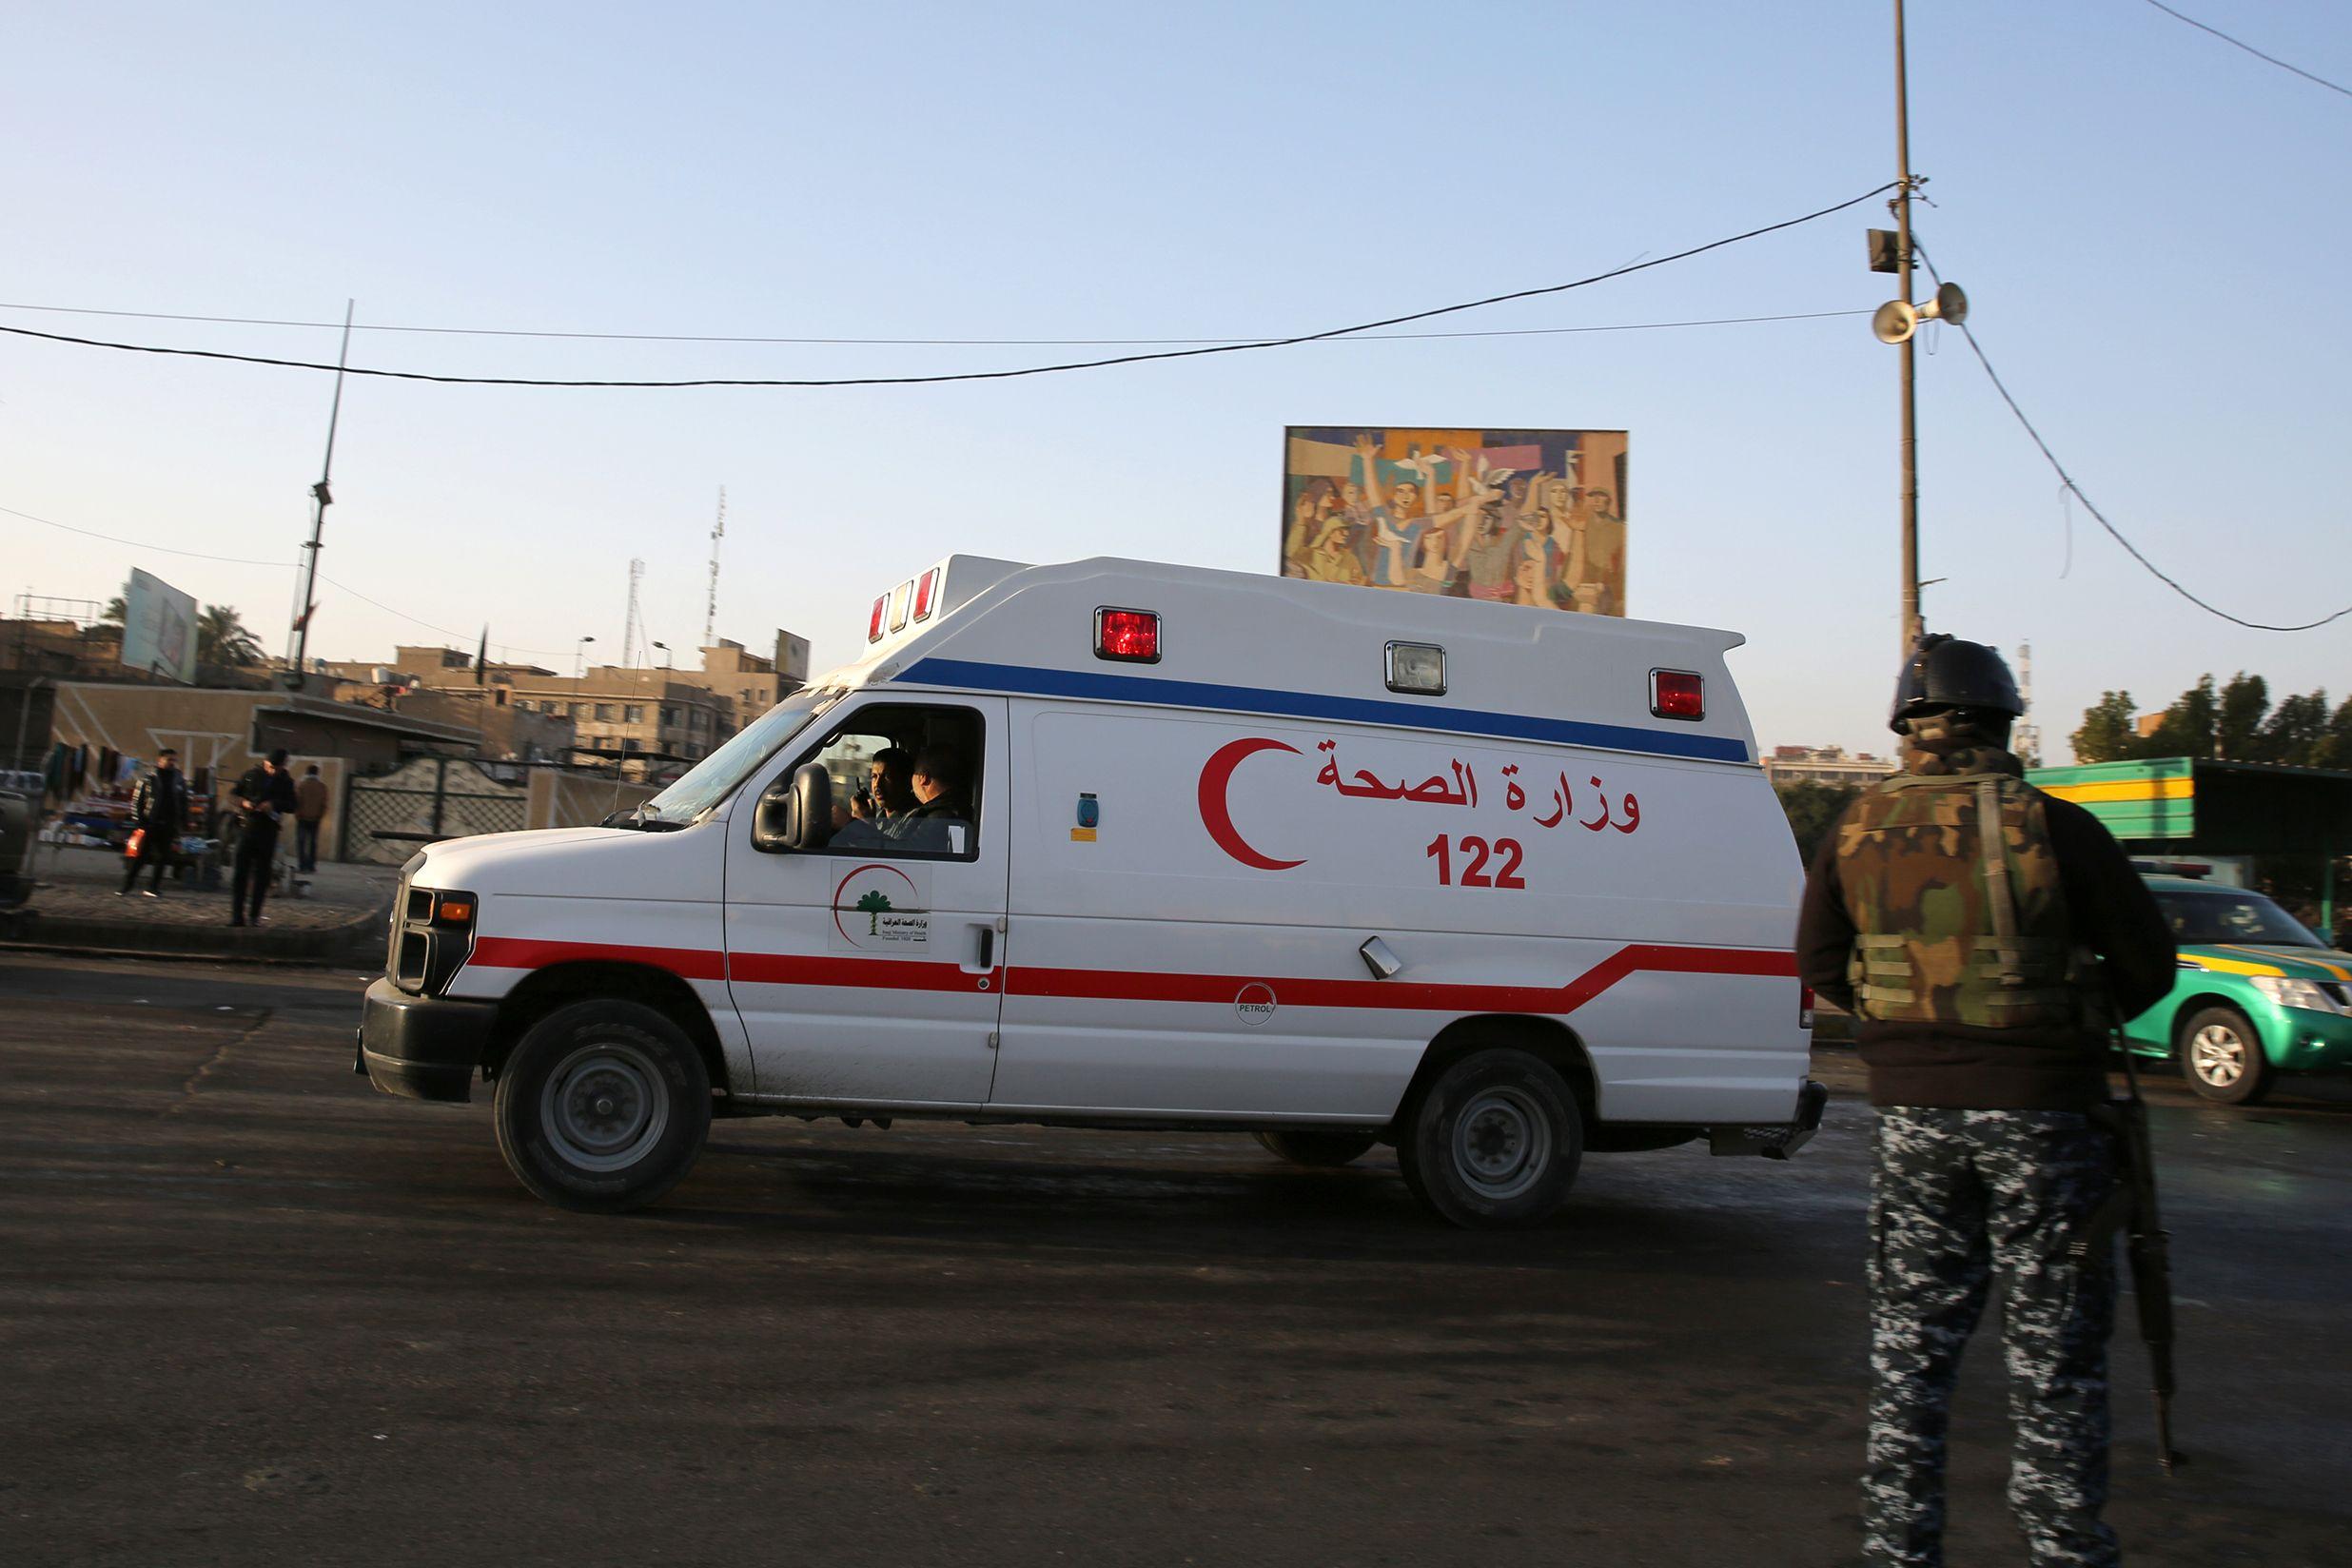 السلطات العراقية تعلن مقتل 12 شخصا واصابة 5 اخرين بتفجير مدخل كربلاء